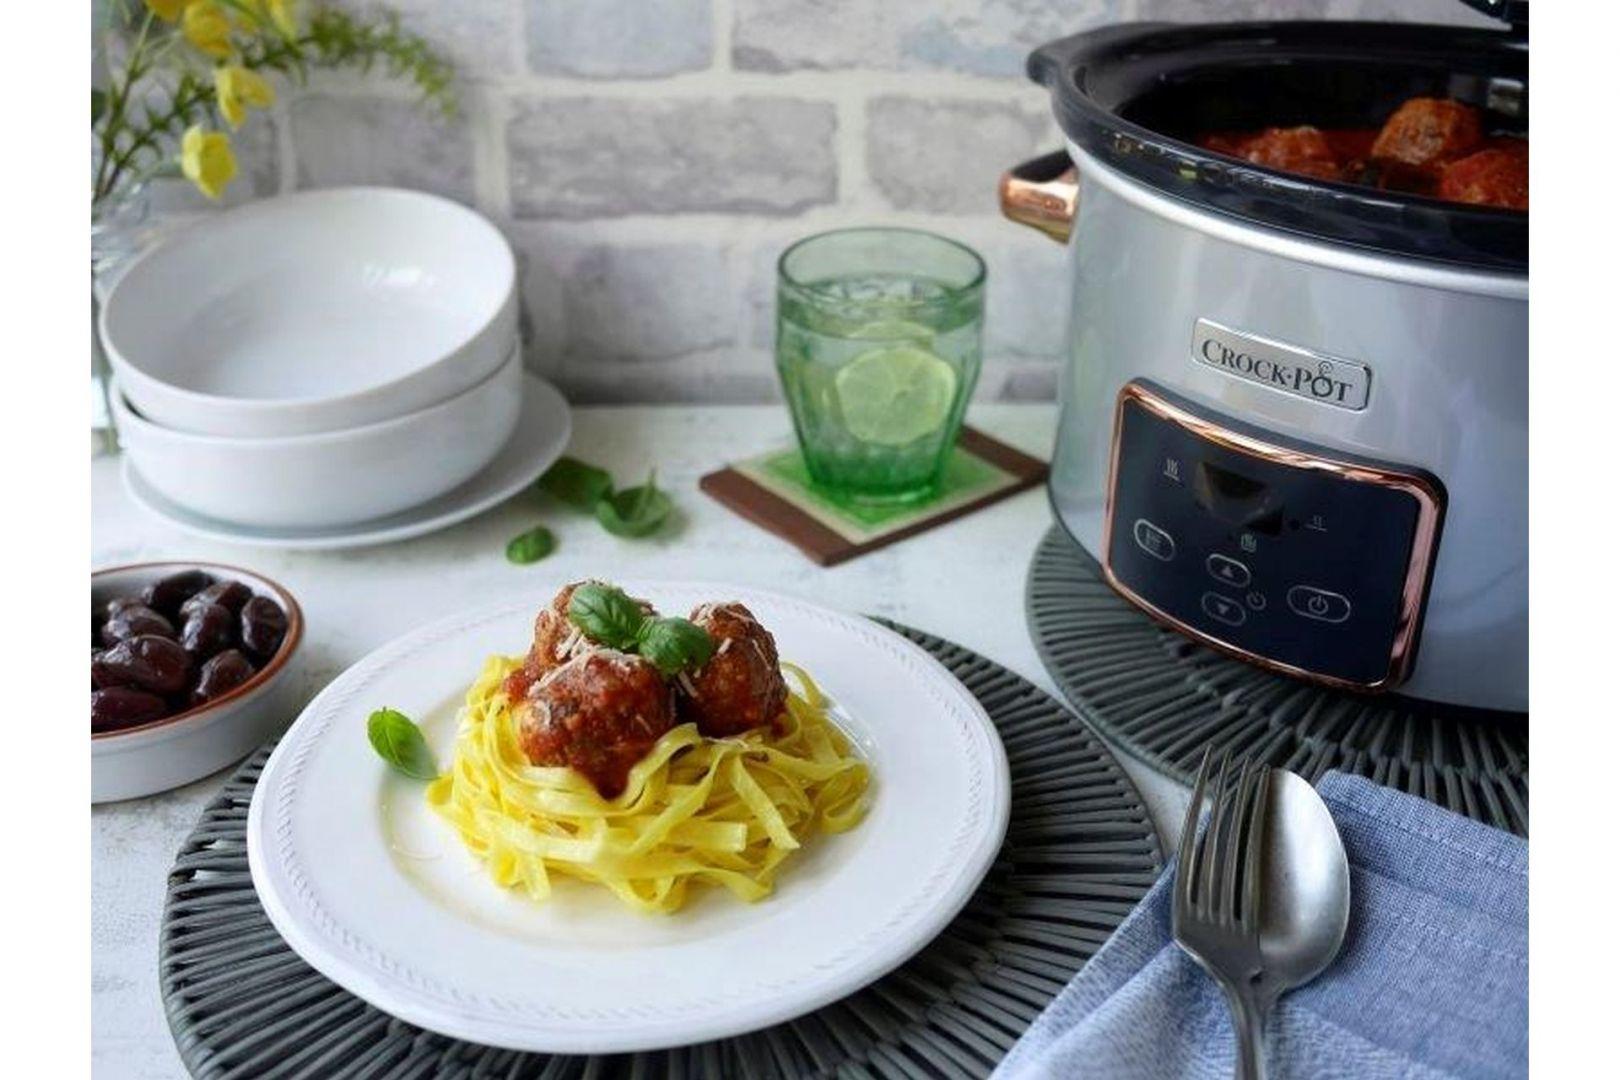 Gotowanie w technologii slow cookingu zakłada poddawanie składników długotrwałej obróbce termicznej w temperaturze nieprzekraczającej 100⁰C. Fot. Crock-Pot